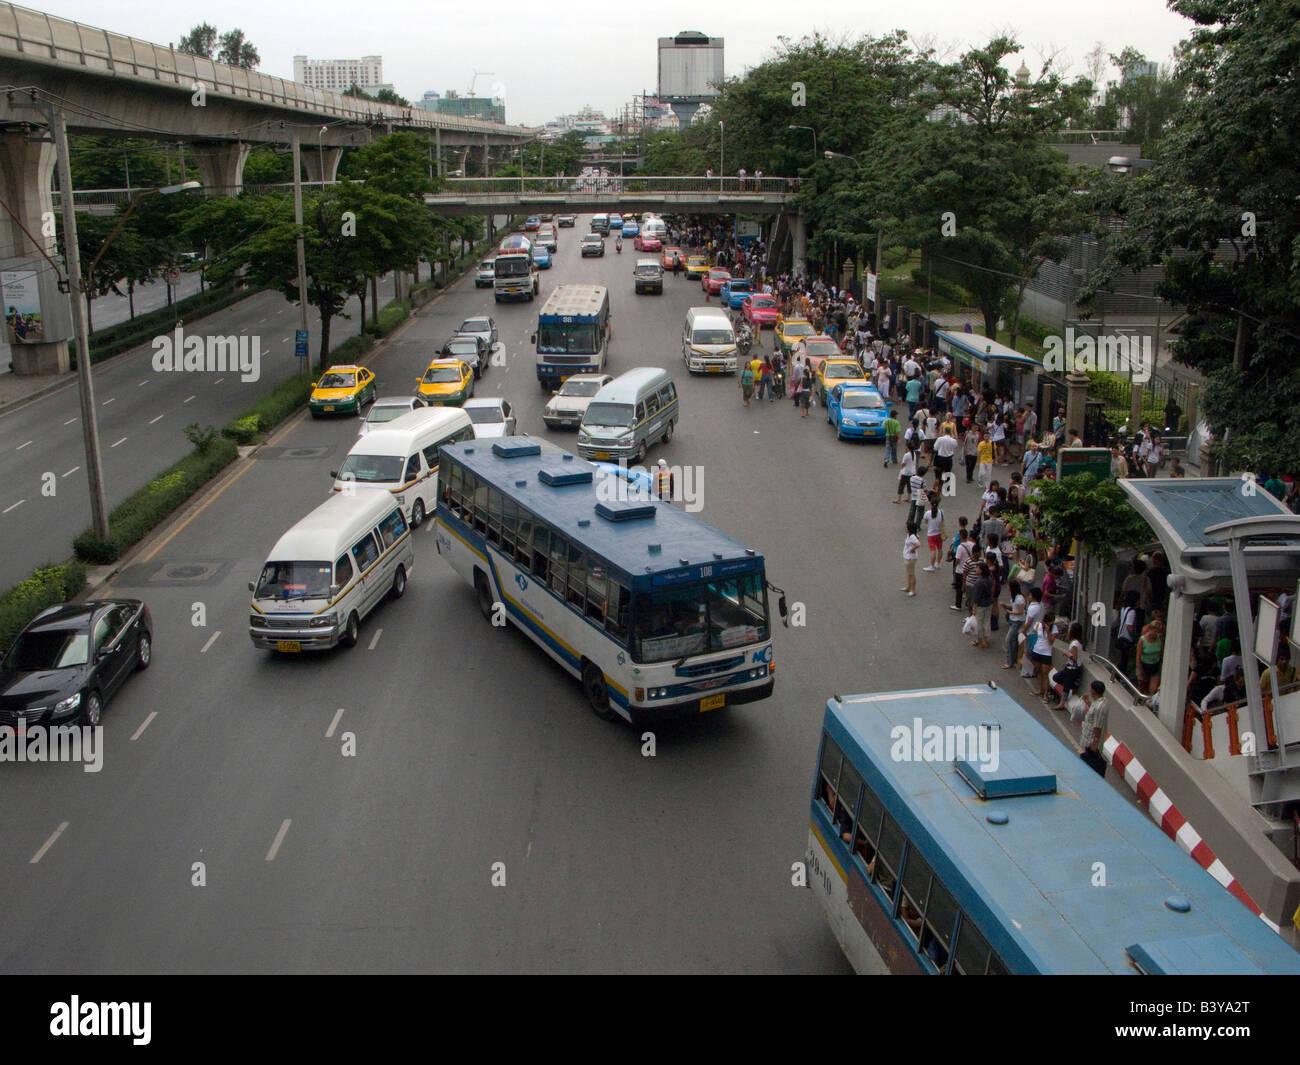 traffic chaos outside Chatuchak weekend market - Stock Image